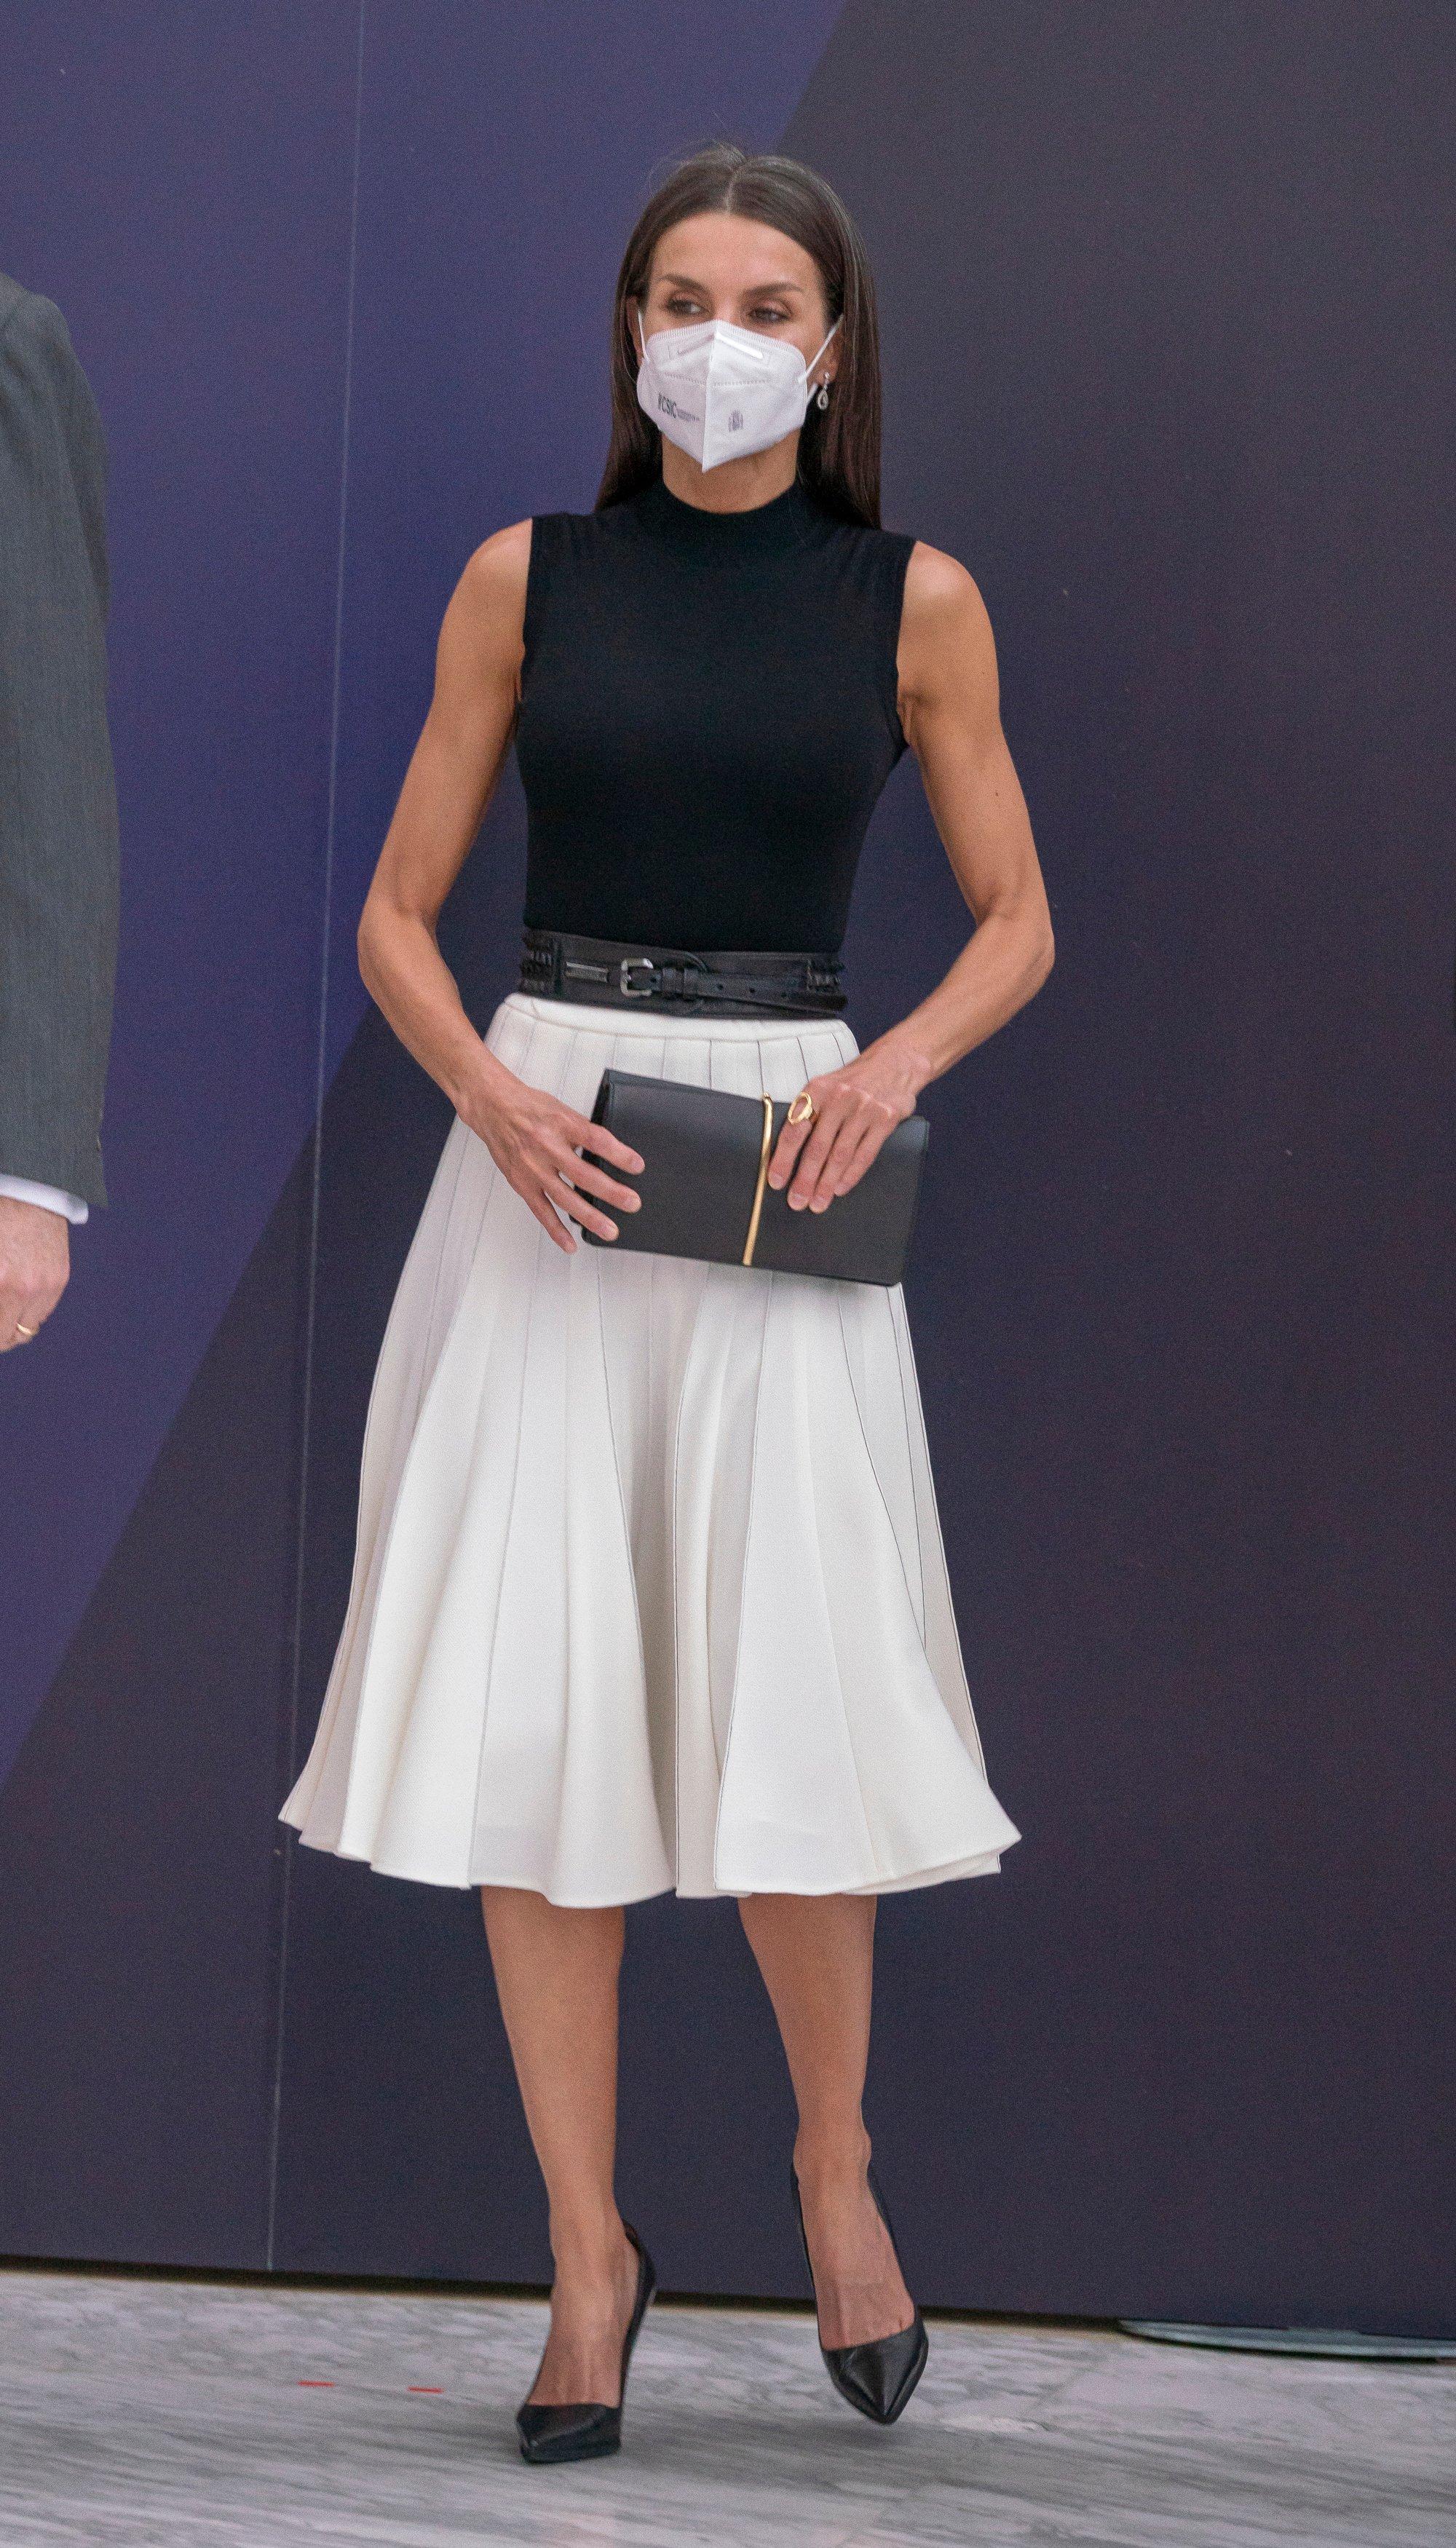 Іспанська королева Летиція відвідала черговий світський захід у конгресі. Вона підкорила публіку черговим вишуканим образом у вбранні без рукавів та в спідниці.